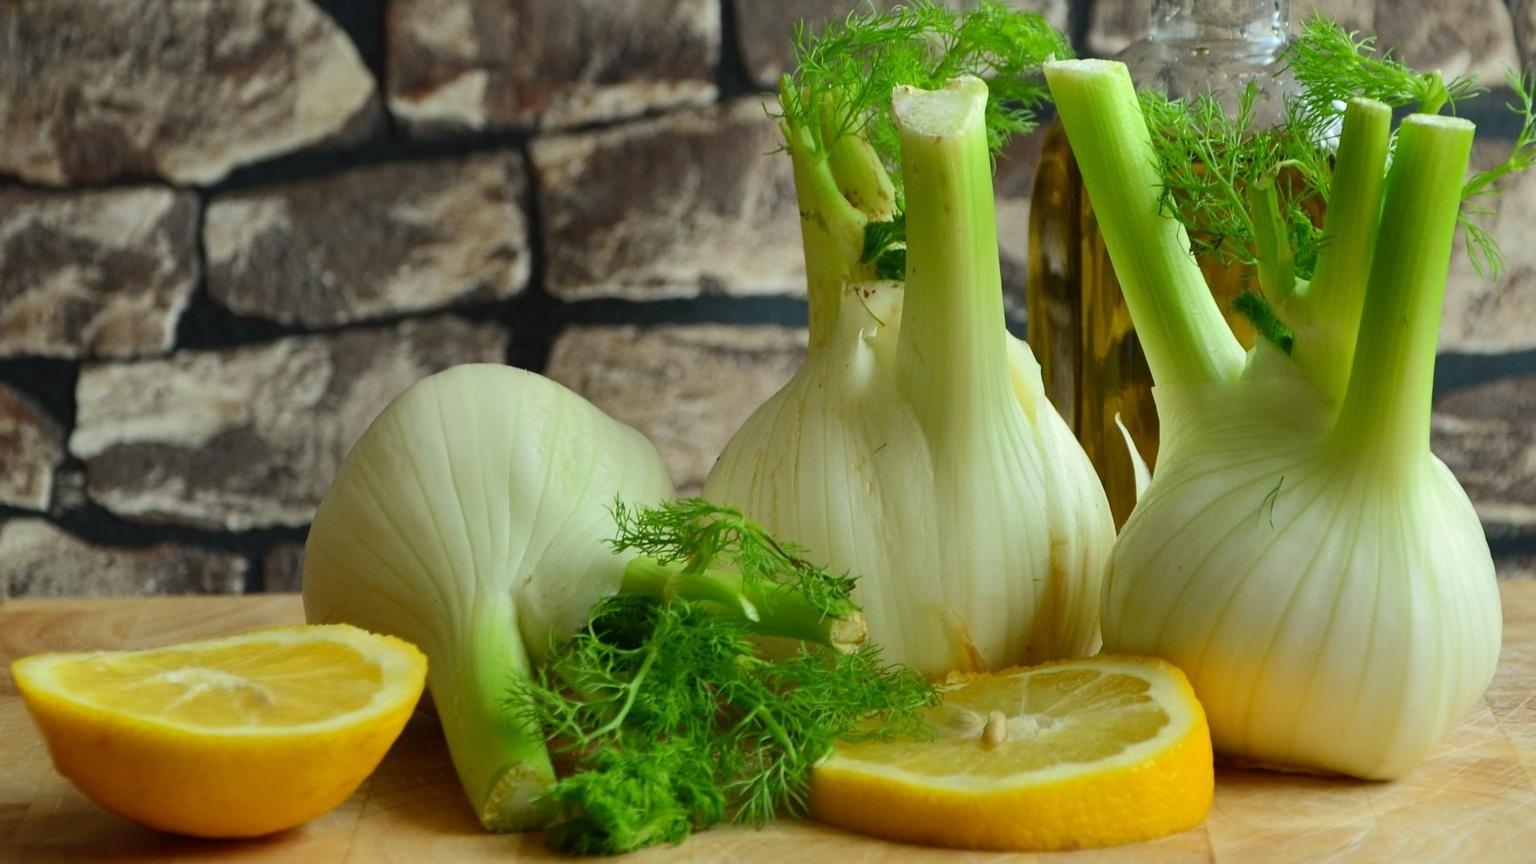 Der Fenchel gilt aufgrund seiner Inhaltsstoffe als sehr gesund.